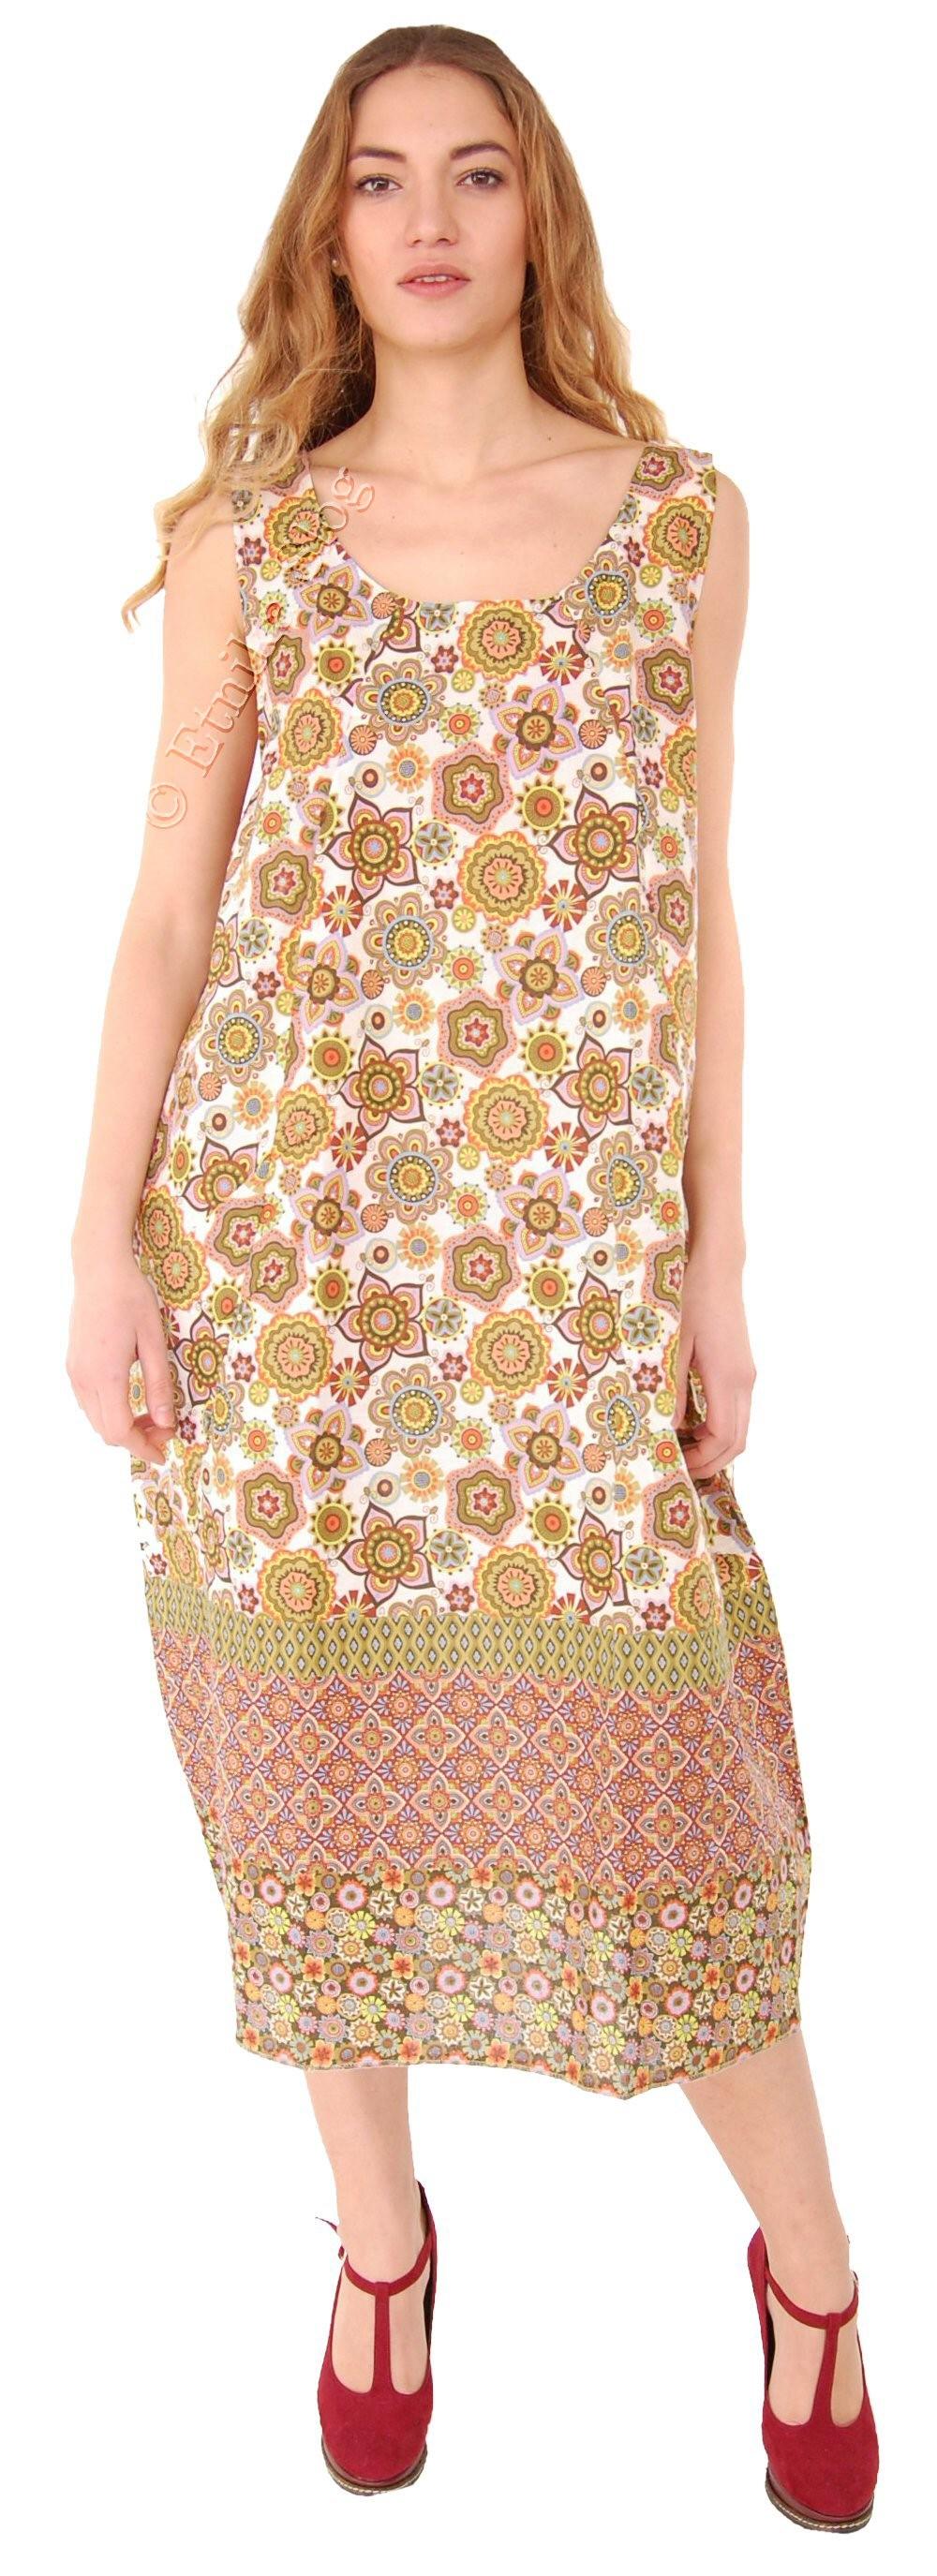 BIGGER COTTON DRESSES AB-ISV01 - Oriente Import S.r.l.